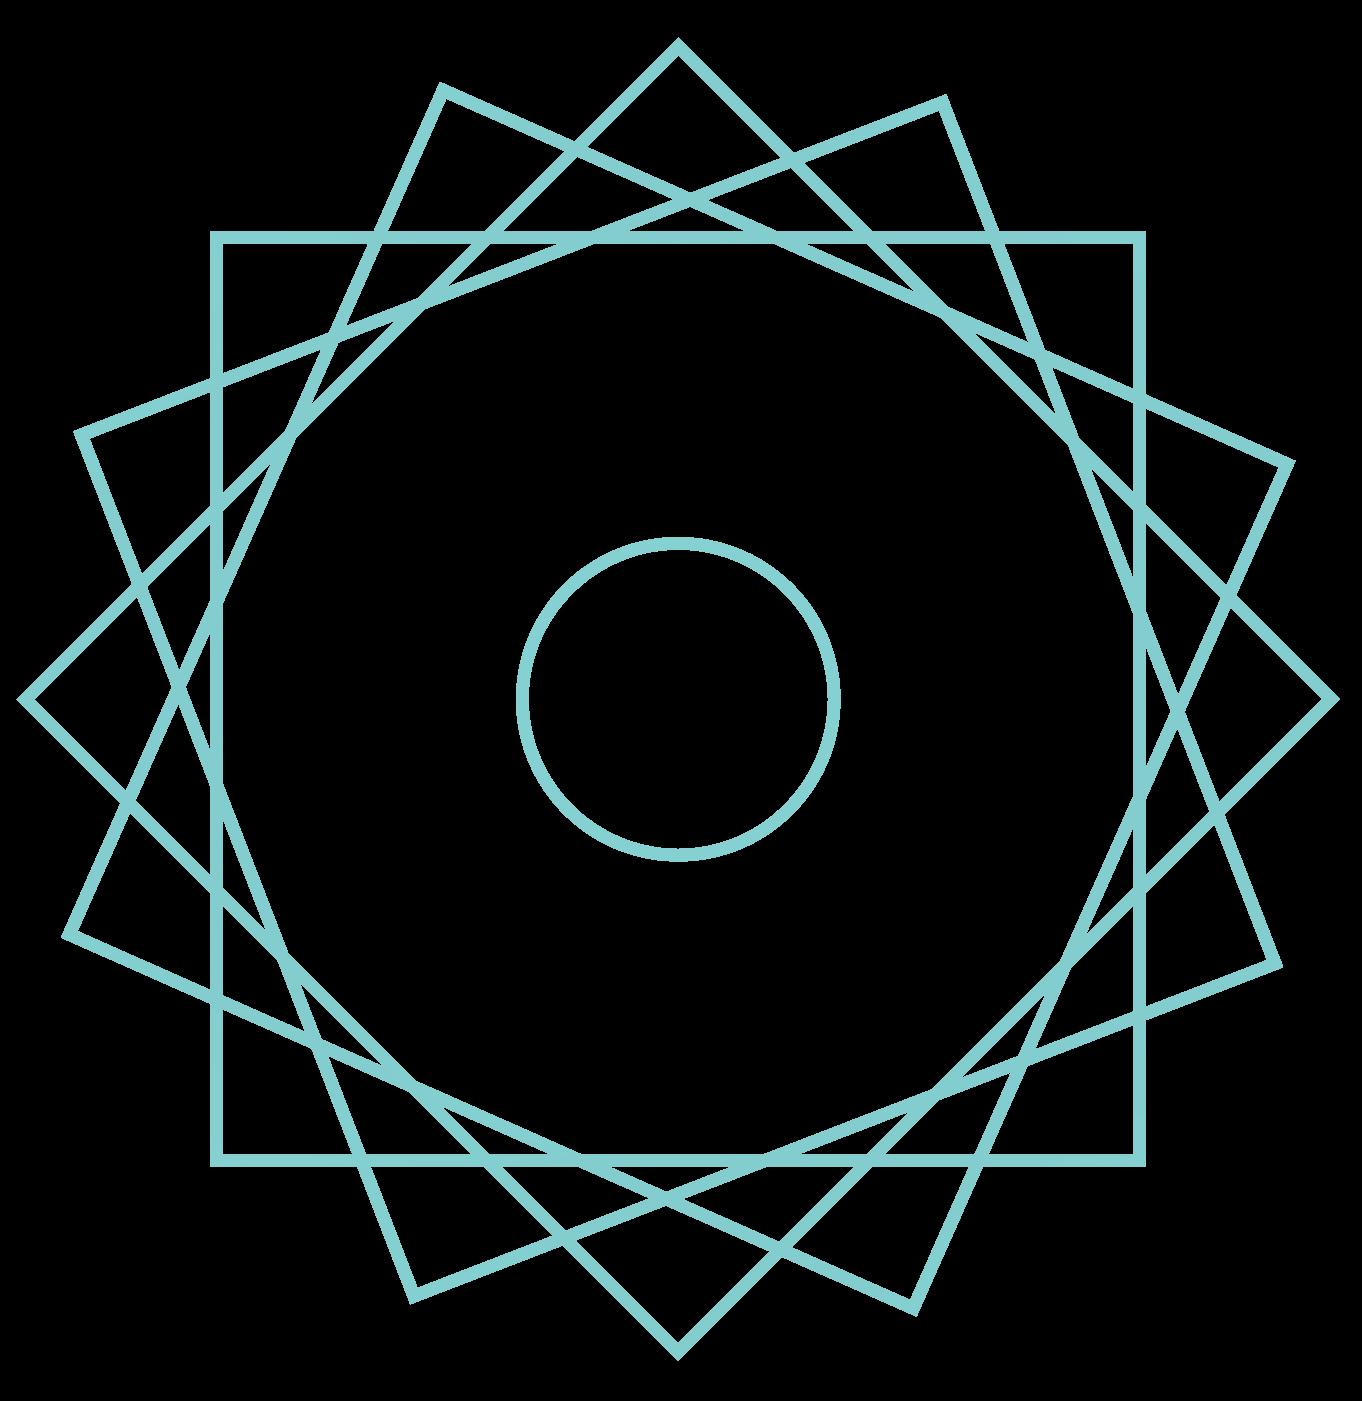 Vidéo sur l'astrologie